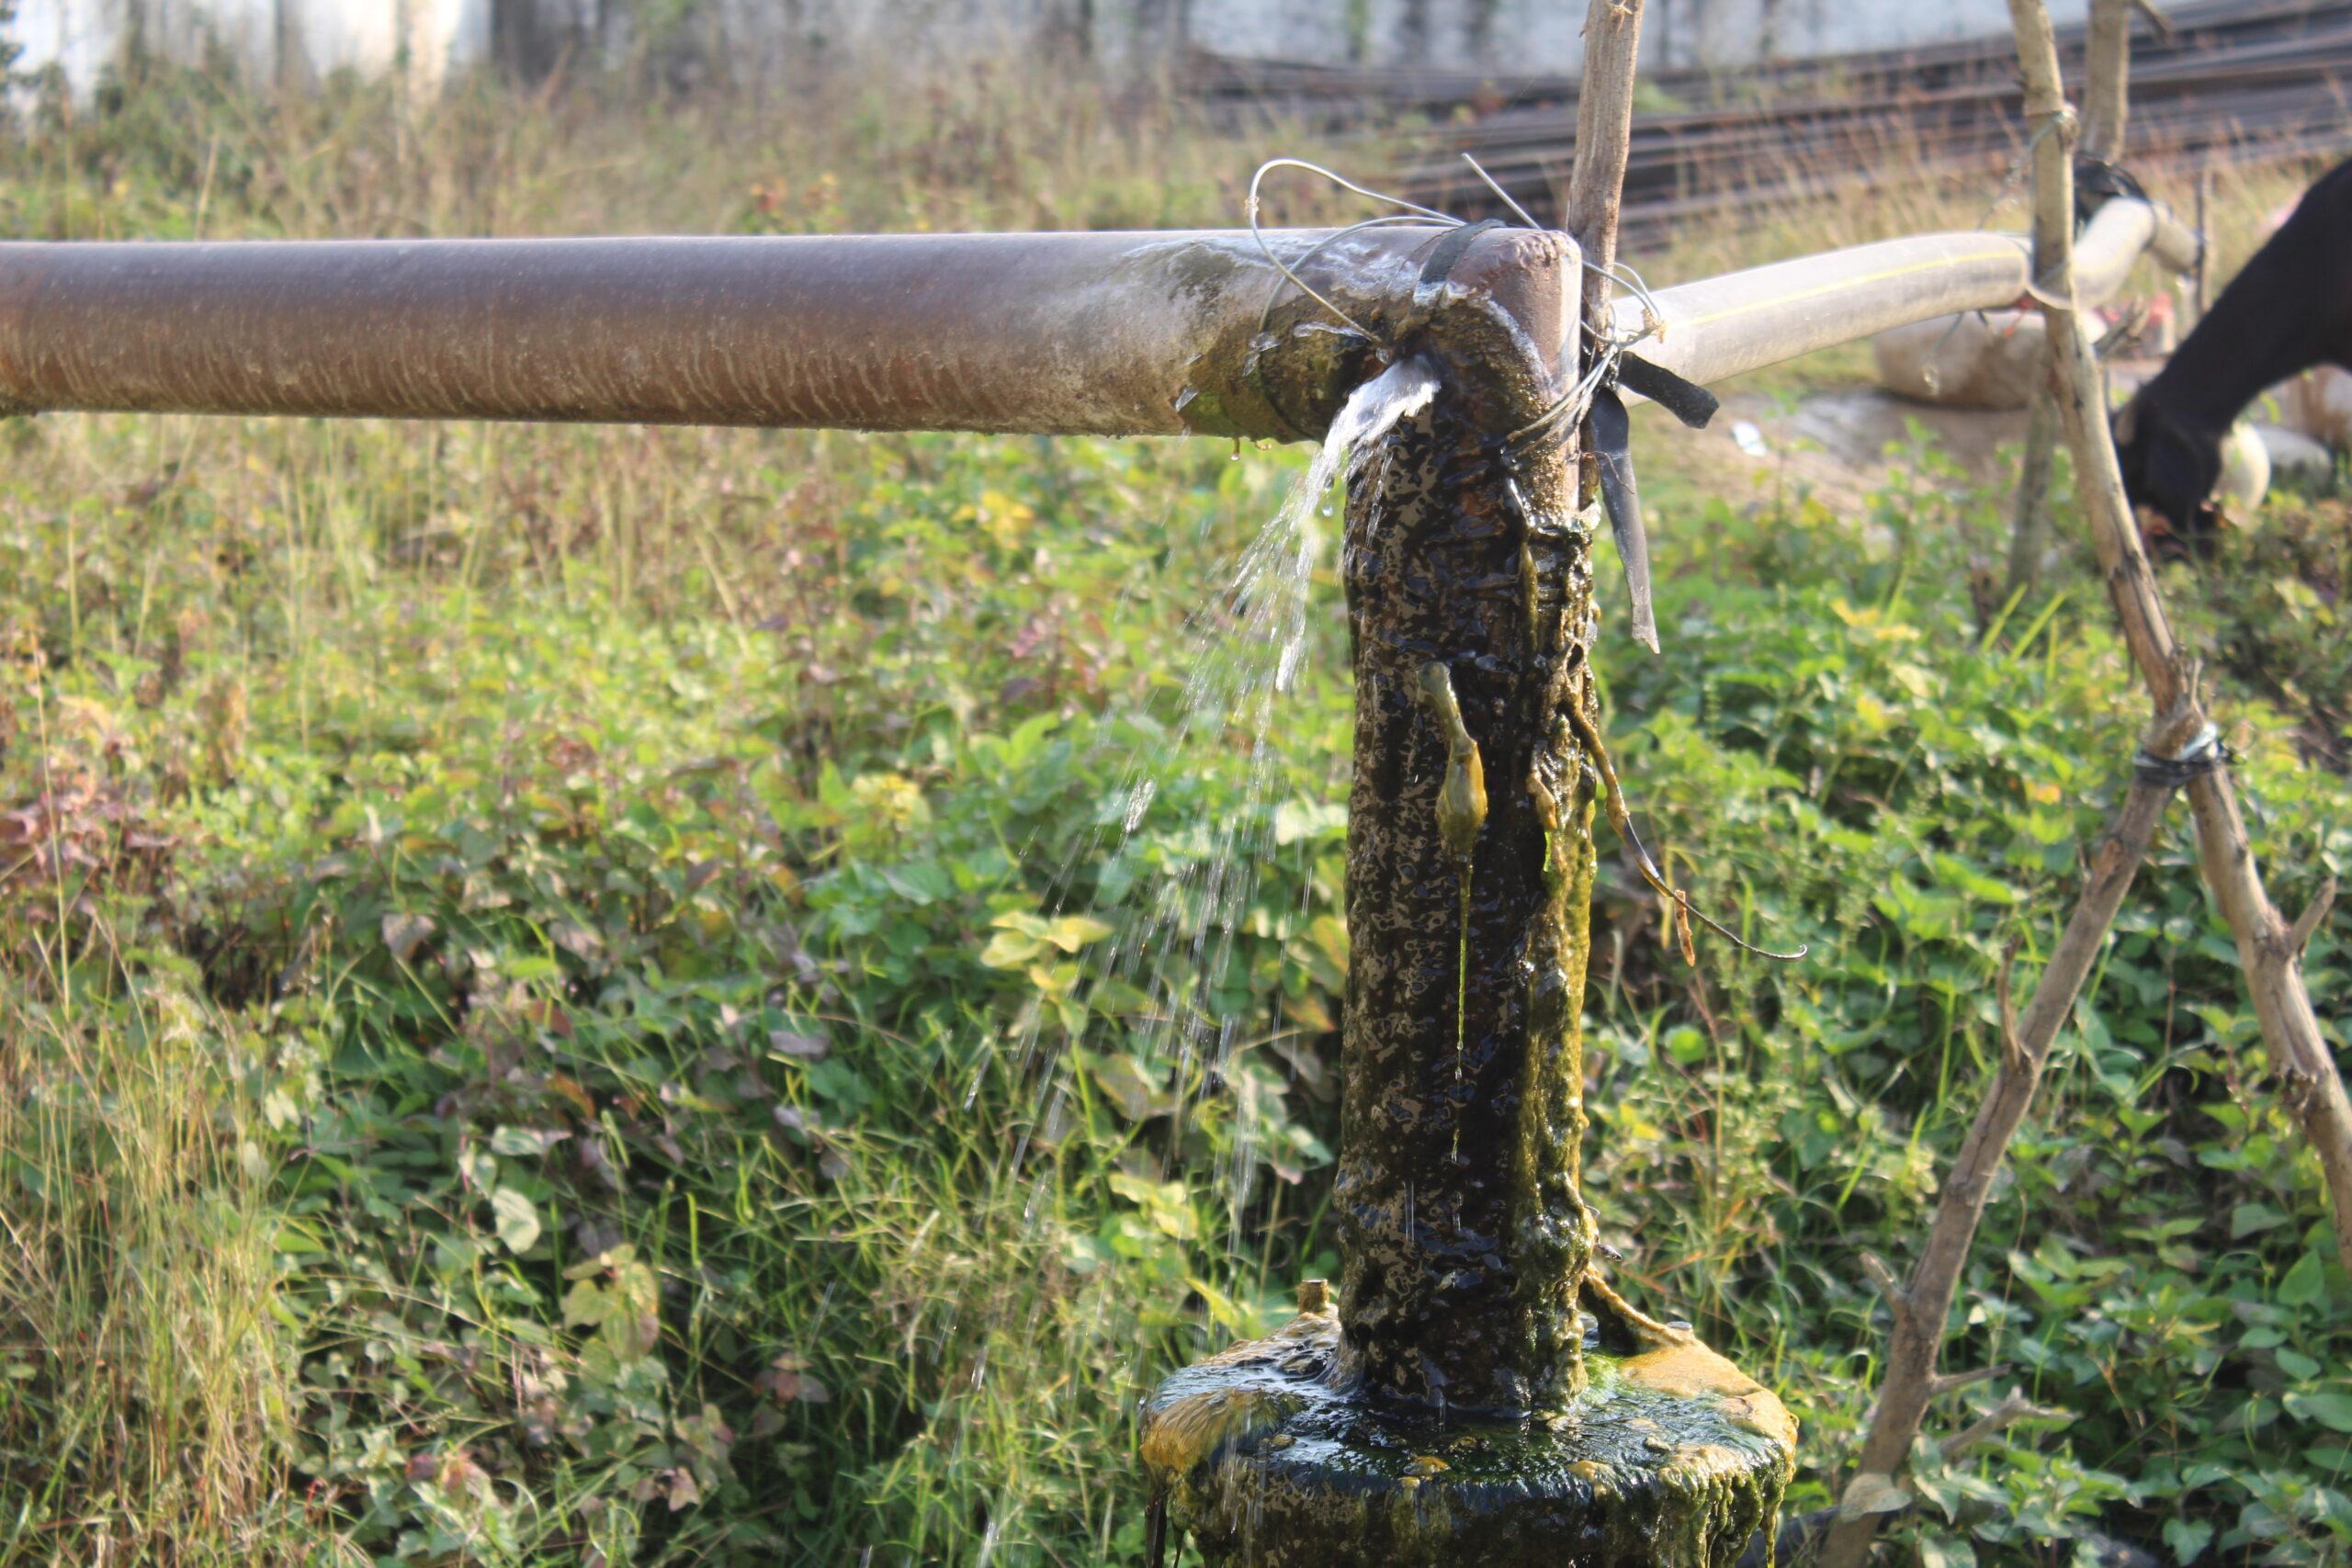 When water systems break down